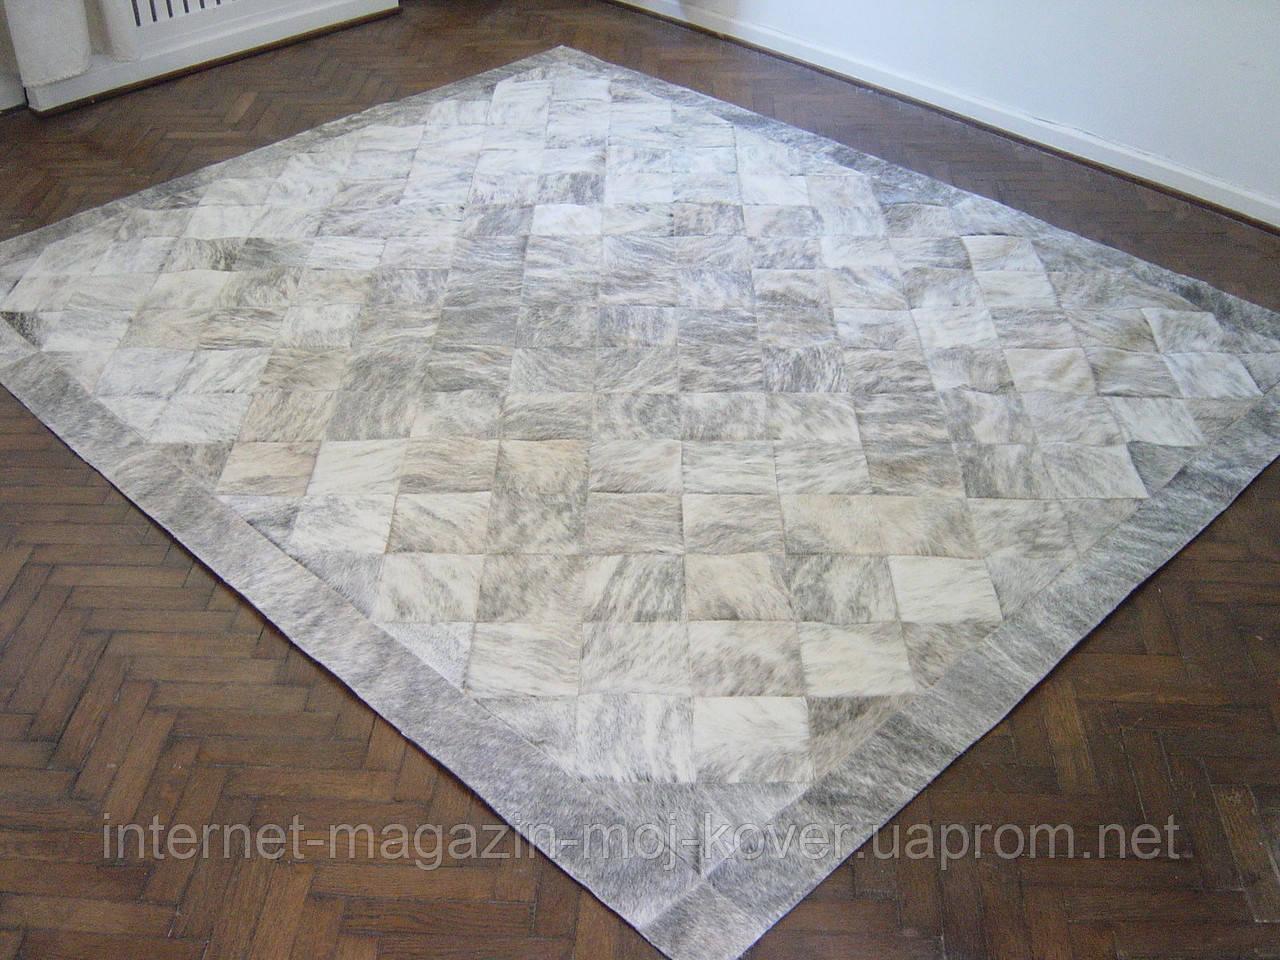 Красивий килим для заміського будинку з натуральної шкіри корови сірого тигрового кольору